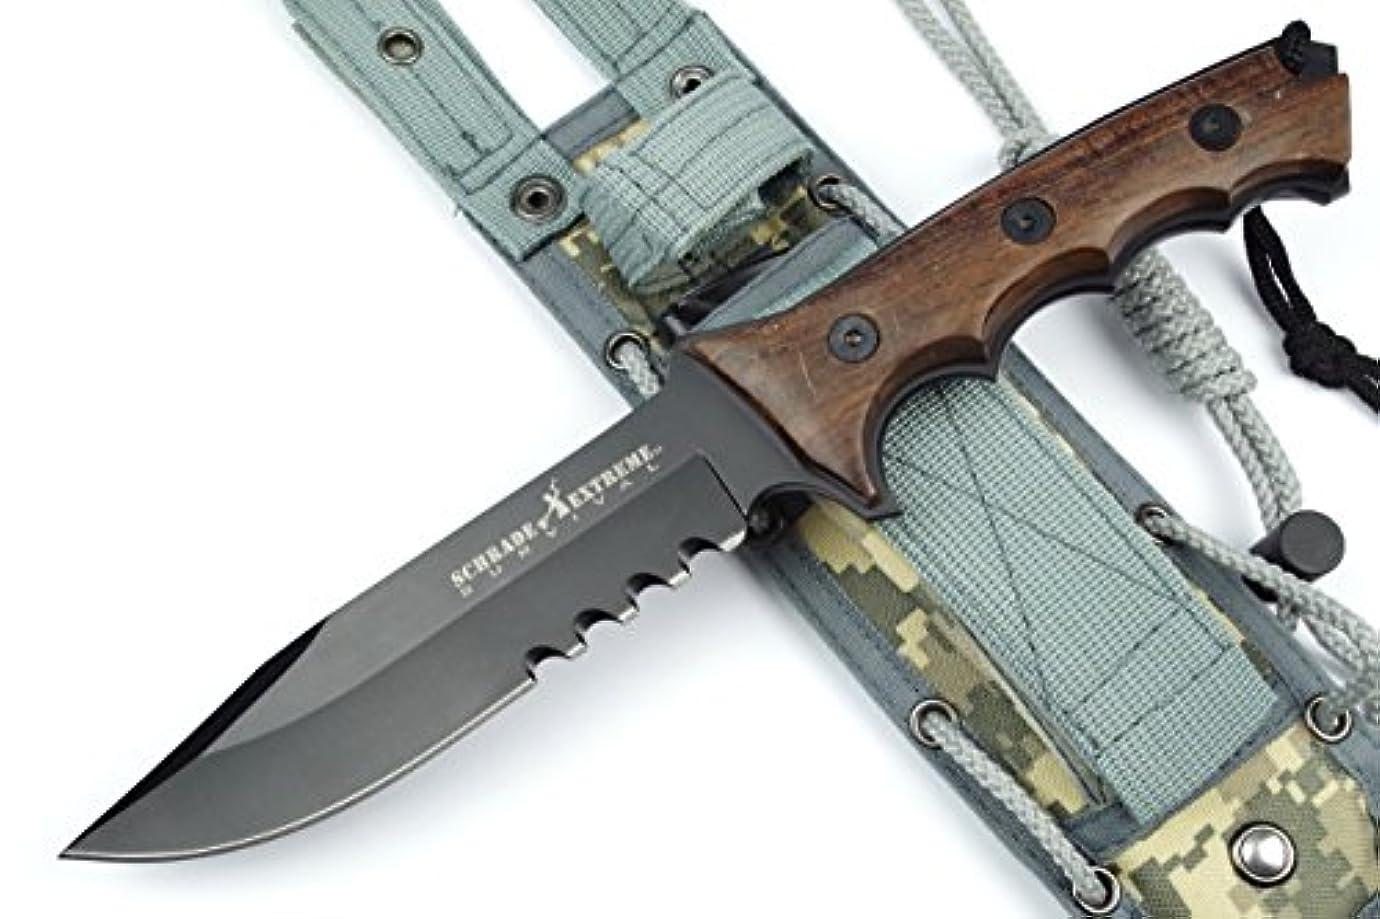 エキス対角線バーチャルSCHRADE(シュレード) サバイバルナイフ 6mm厚ブレード フルタング構造 セレーション デジカモシース 砥石付き NO.SCHF3 【並行輸入品】